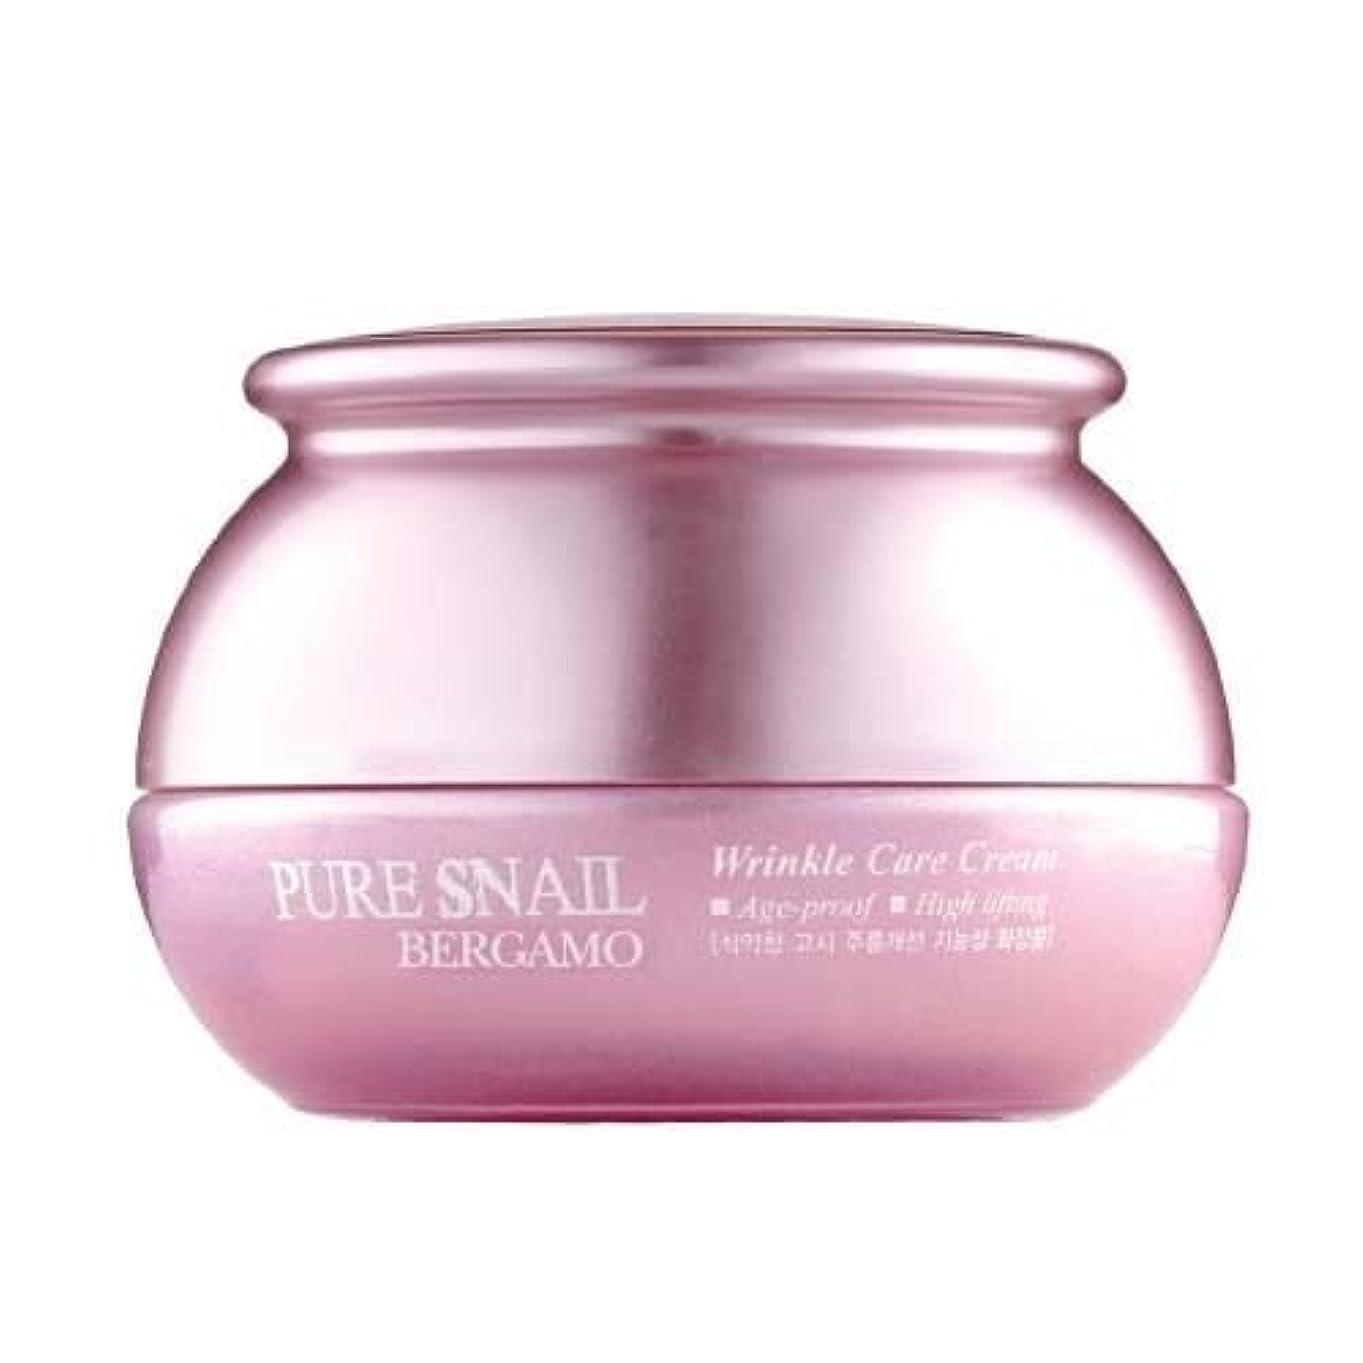 郡風変わりなアレイベルガモ[韓国コスメBergamo]Pure Snail Wrinkle Care Cream カタツムリリンクルケアクリーム50ml しわ管理 [並行輸入品]